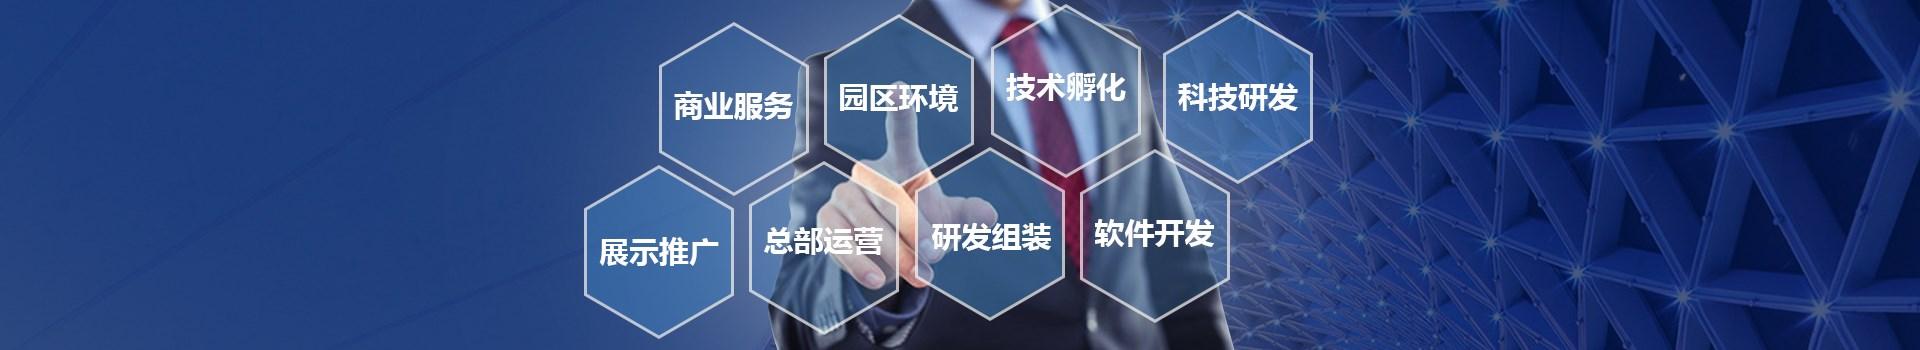 优秀的深圳智能智造产业园哪家好平台骏翔实业好